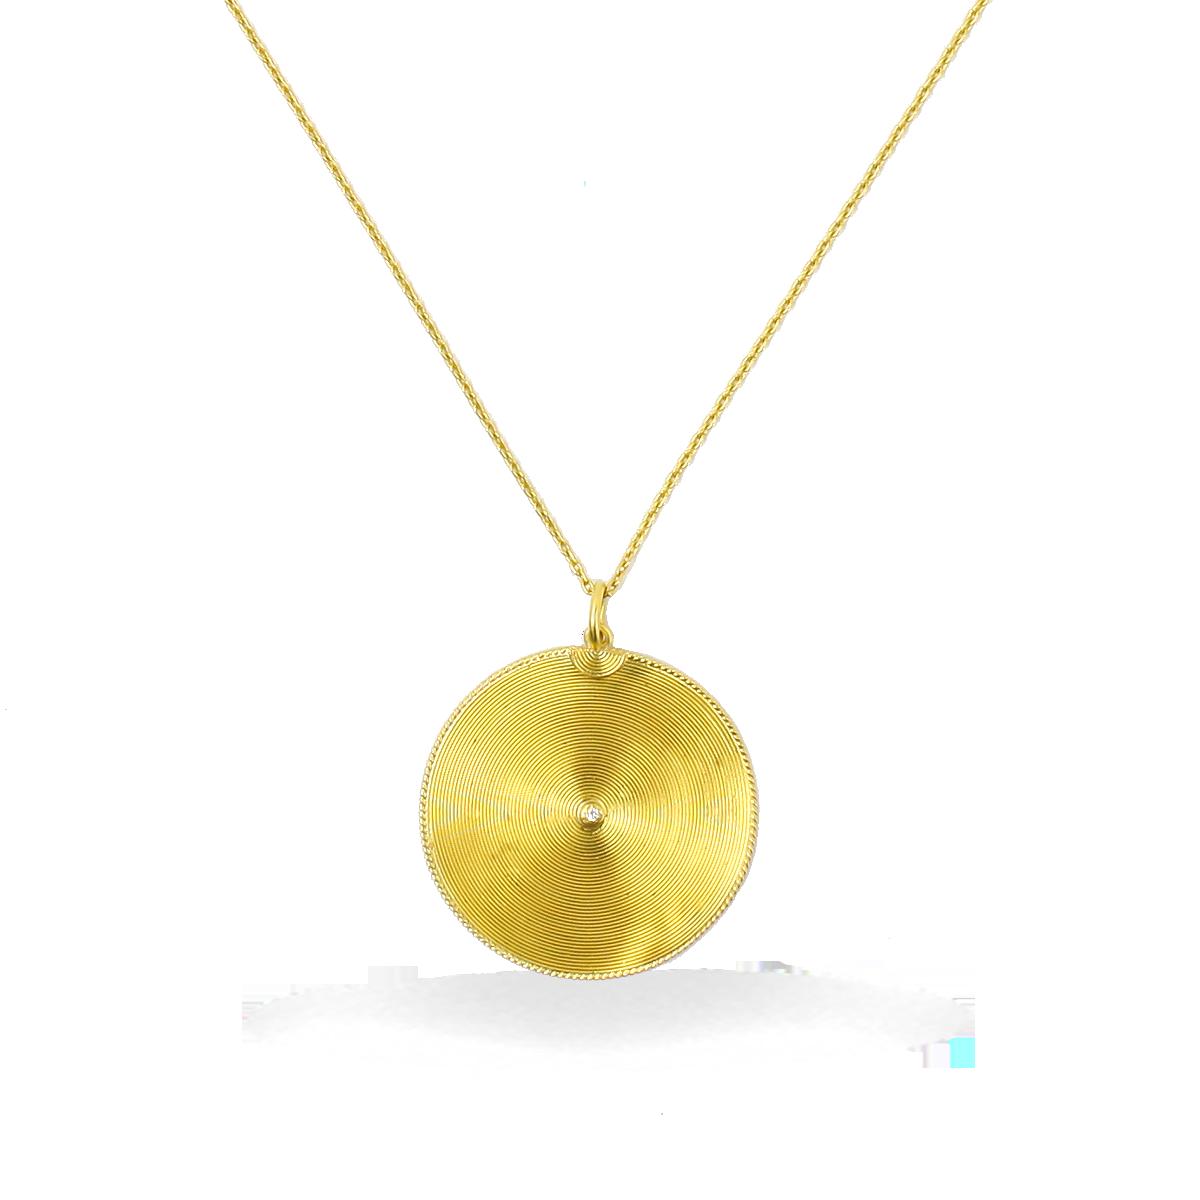 Kurtulan handgemachte gewickelt 24k Golddraht Platten Anhänger mit ...